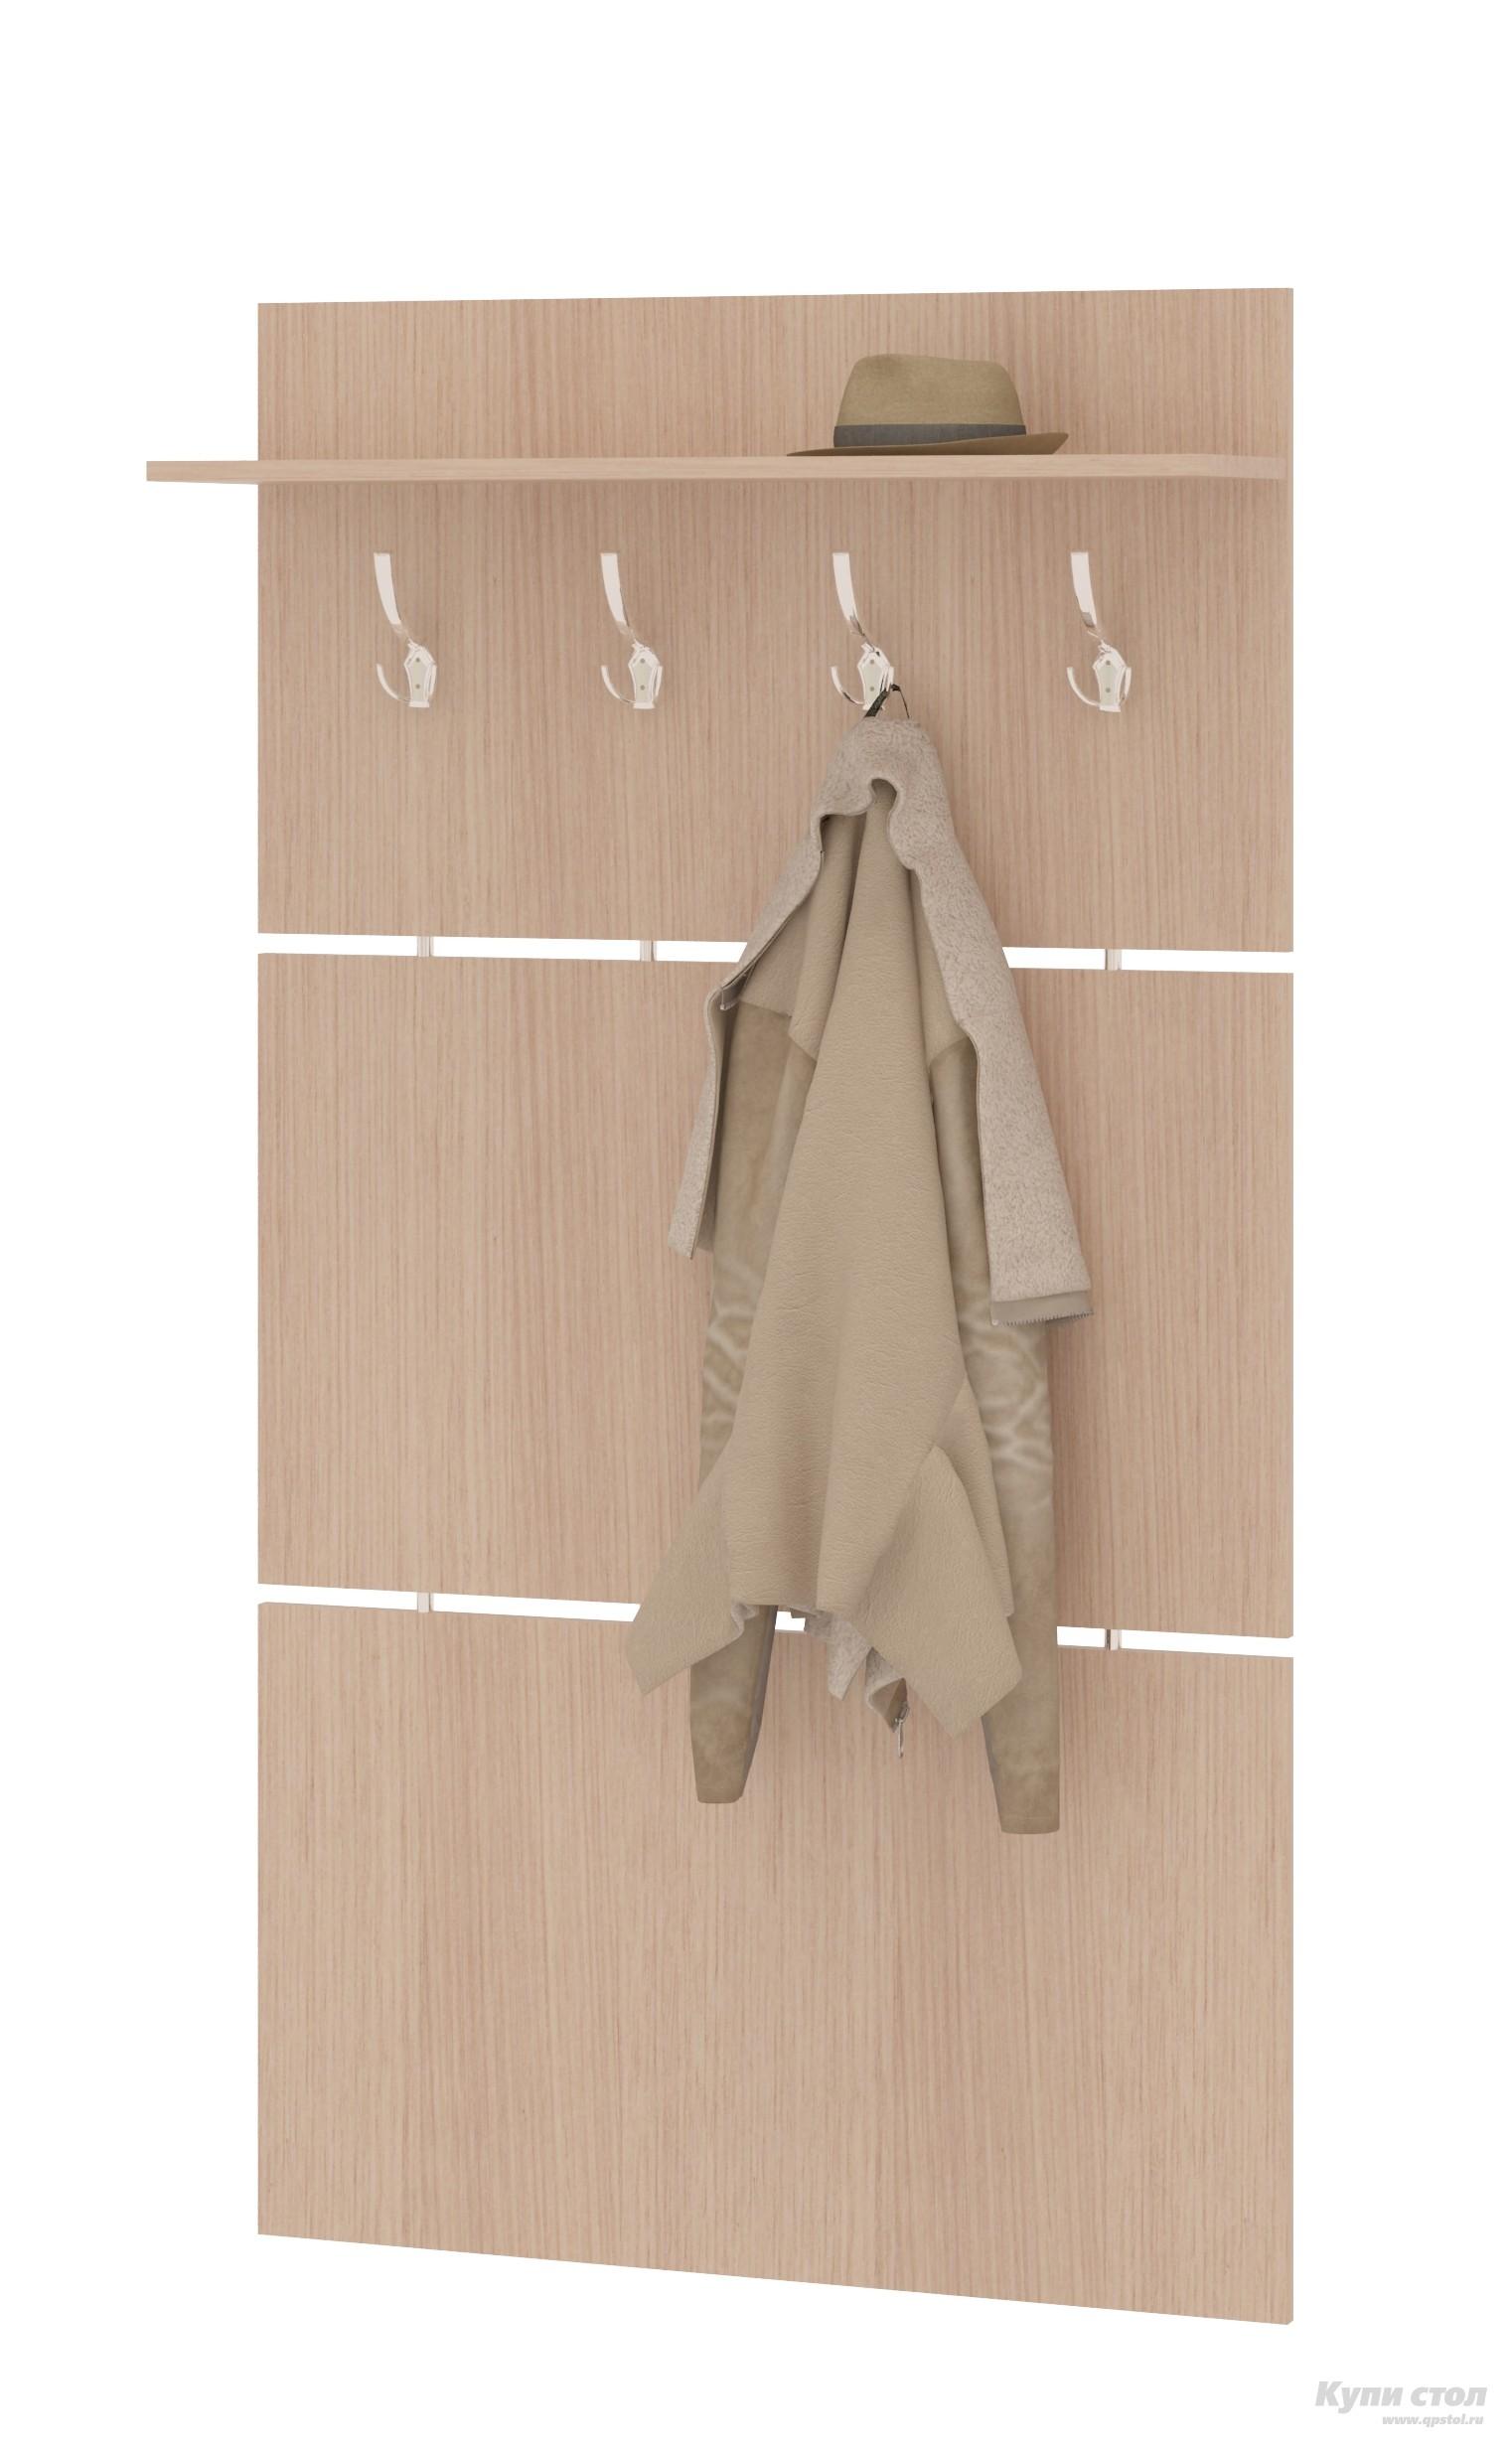 Настенная вешалка Сокол ВШ-3.1 Беленый дубНастенные вешалки<br>Габаритные размеры ВхШхГ 1460x900x212 мм. Широкая навесная вешалка, выполненная в строгом стиле, позволит разместить сезонную одежду всей семьи.  Вешалка состоит из 3-х панелей соединенных металлическими  вставками.  На верхней панели располагается четыре 3-хрожковых крючка для одежды. Полка, закрепленная над крючками, предназначена специально для головных уборов и зонтов.  Максимальная нагрузка на полку составляет 5кг. Вешалка изготовлена из высококачественной ДСП 16 мм, края отделаны кромкой ПВХ 0. 4 мм.  Рекомендуем сохранить инструкцию по сборке (паспорт изделия) до истечения гарантийного срока.<br><br>Цвет: Беленый дуб<br>Цвет: Светлое дерево<br>Высота мм: 1460<br>Ширина мм: 900<br>Глубина мм: 212<br>Кол-во упаковок: 1<br>Форма поставки: В разобранном виде<br>Срок гарантии: 2 года